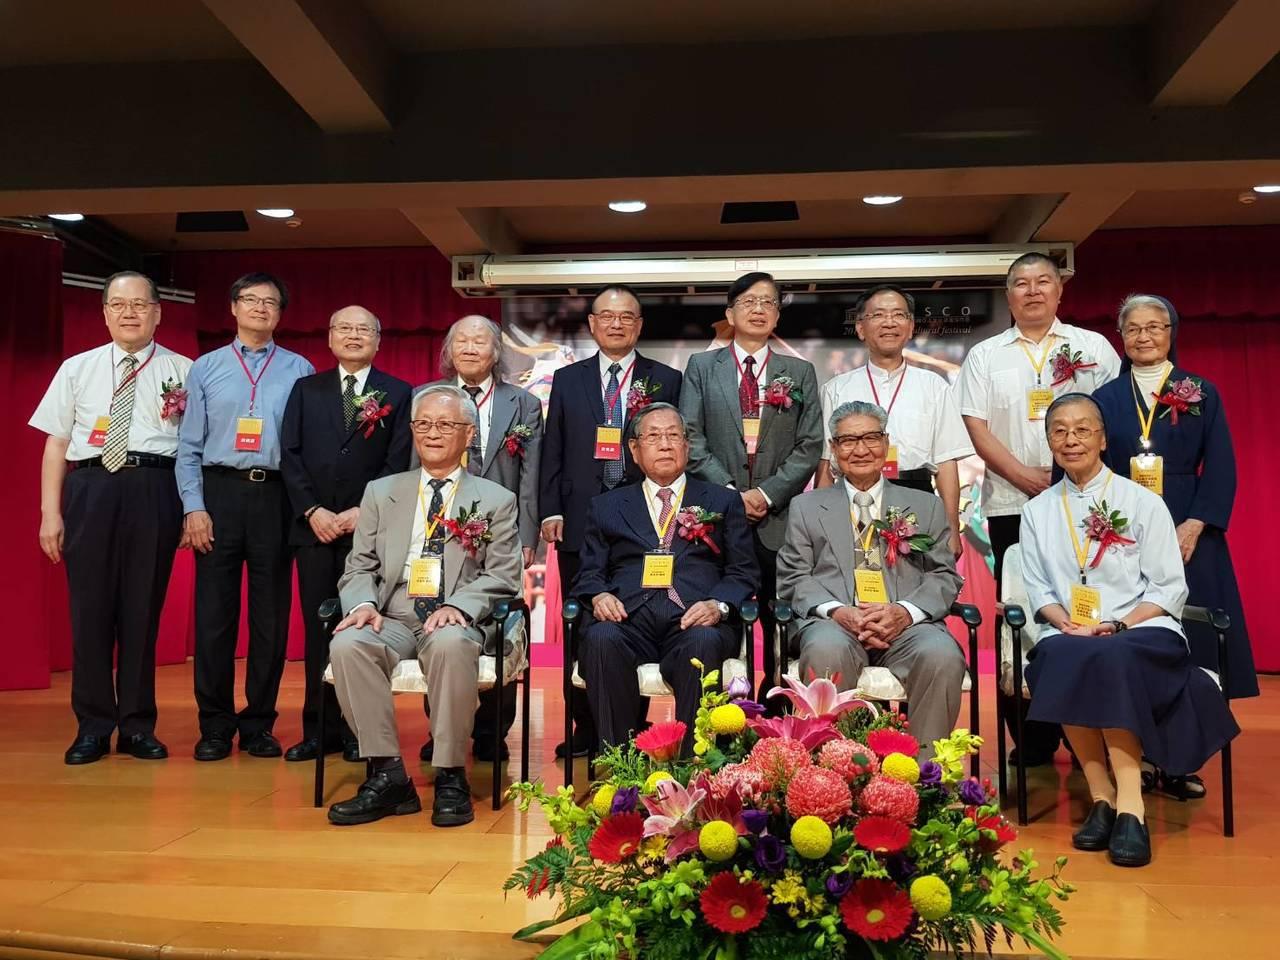 台北大龍峒保安宮今天下午舉行第二屆「保生醫療奉獻獎」頒獎音樂會;得主為「團體獎」...